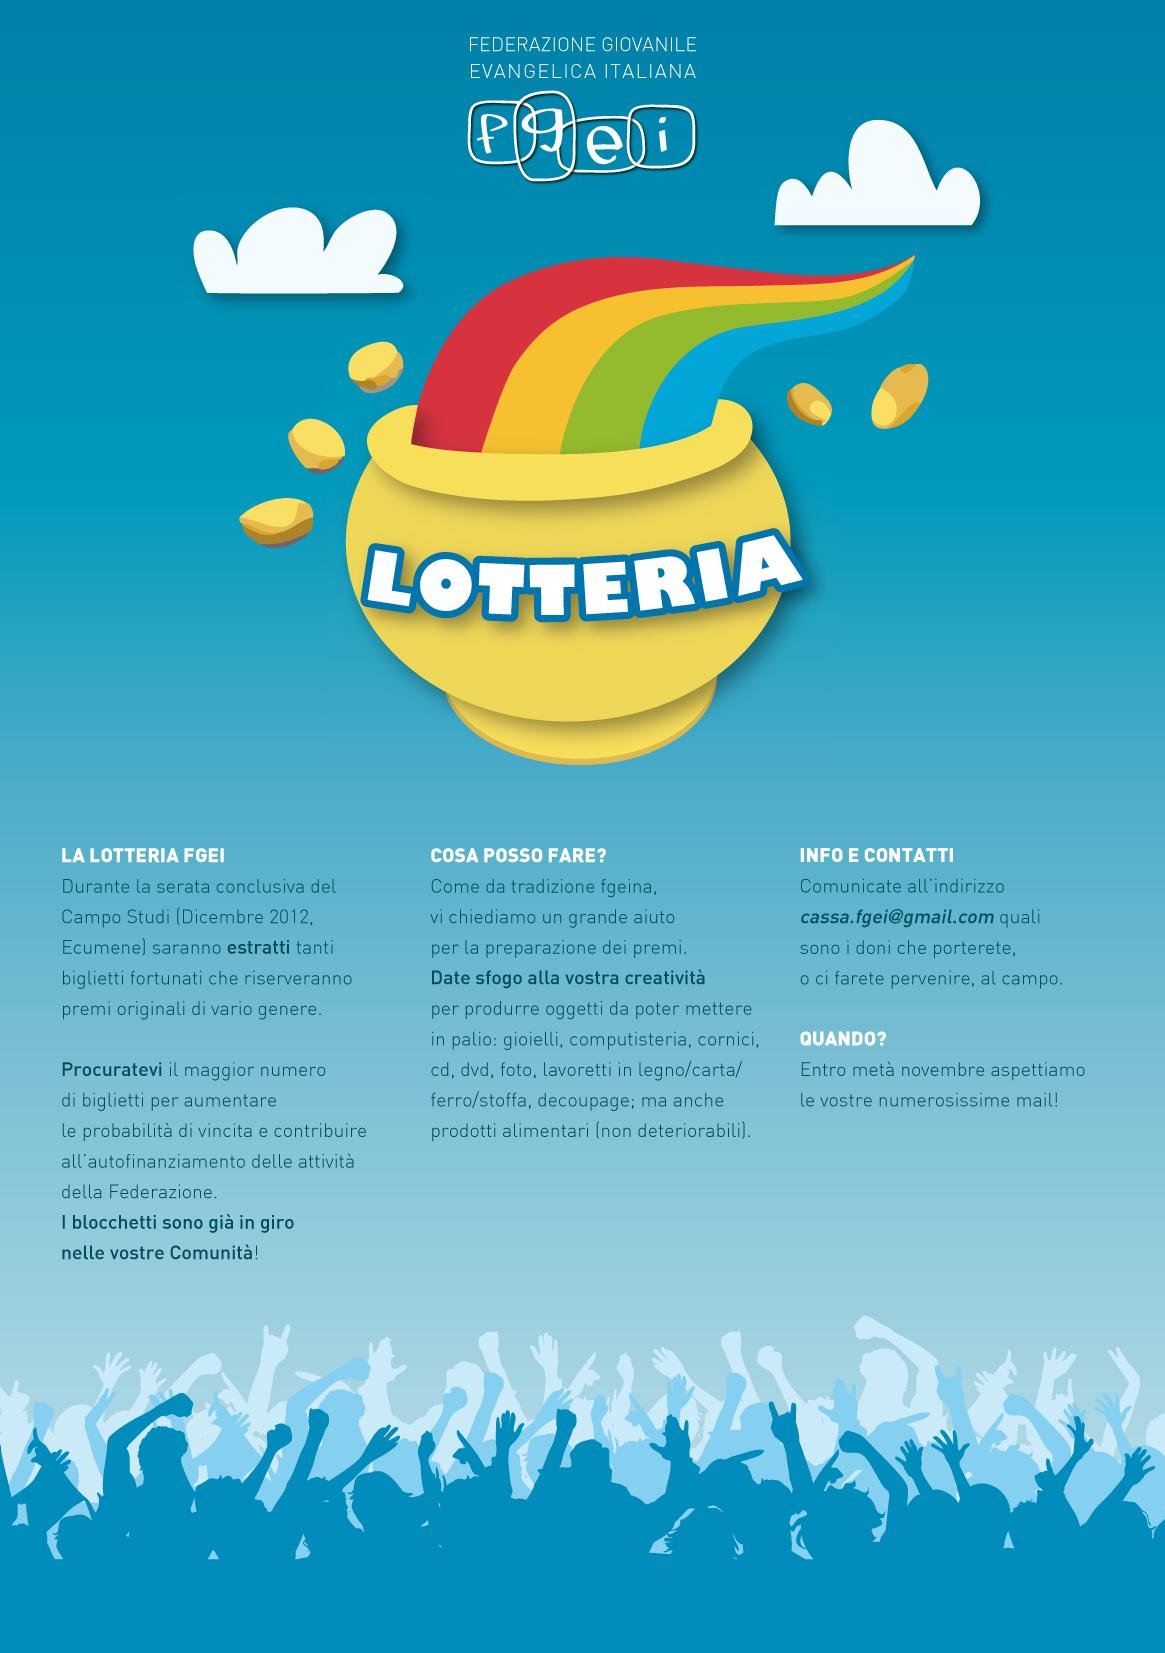 Fgei_Lotteria.indd